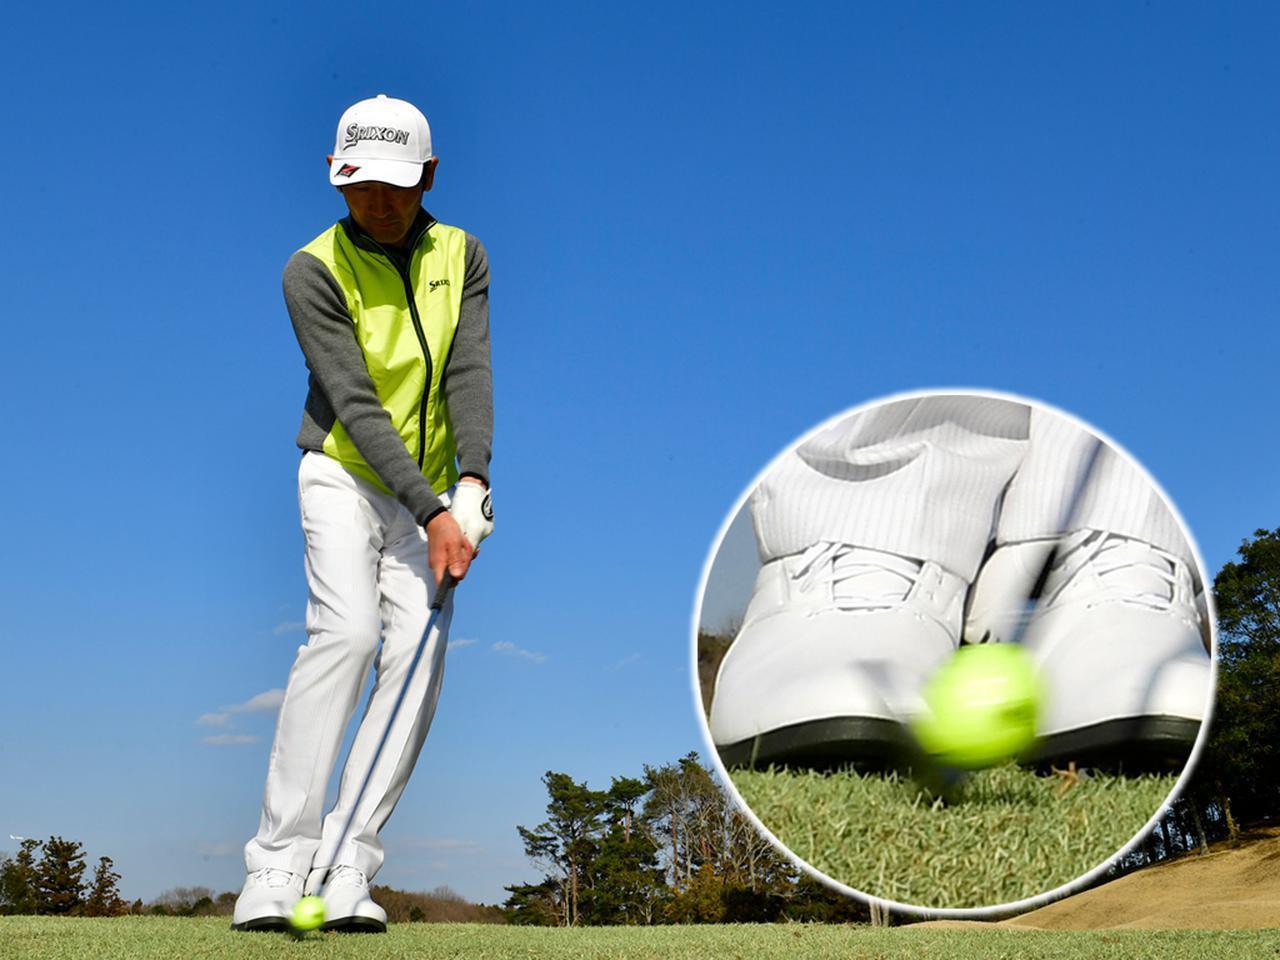 画像4: 【春ゴルフのアプローチ】芝が薄いこの時期は、フェースを返すのが正解です。誰でもできる100切りレッスン